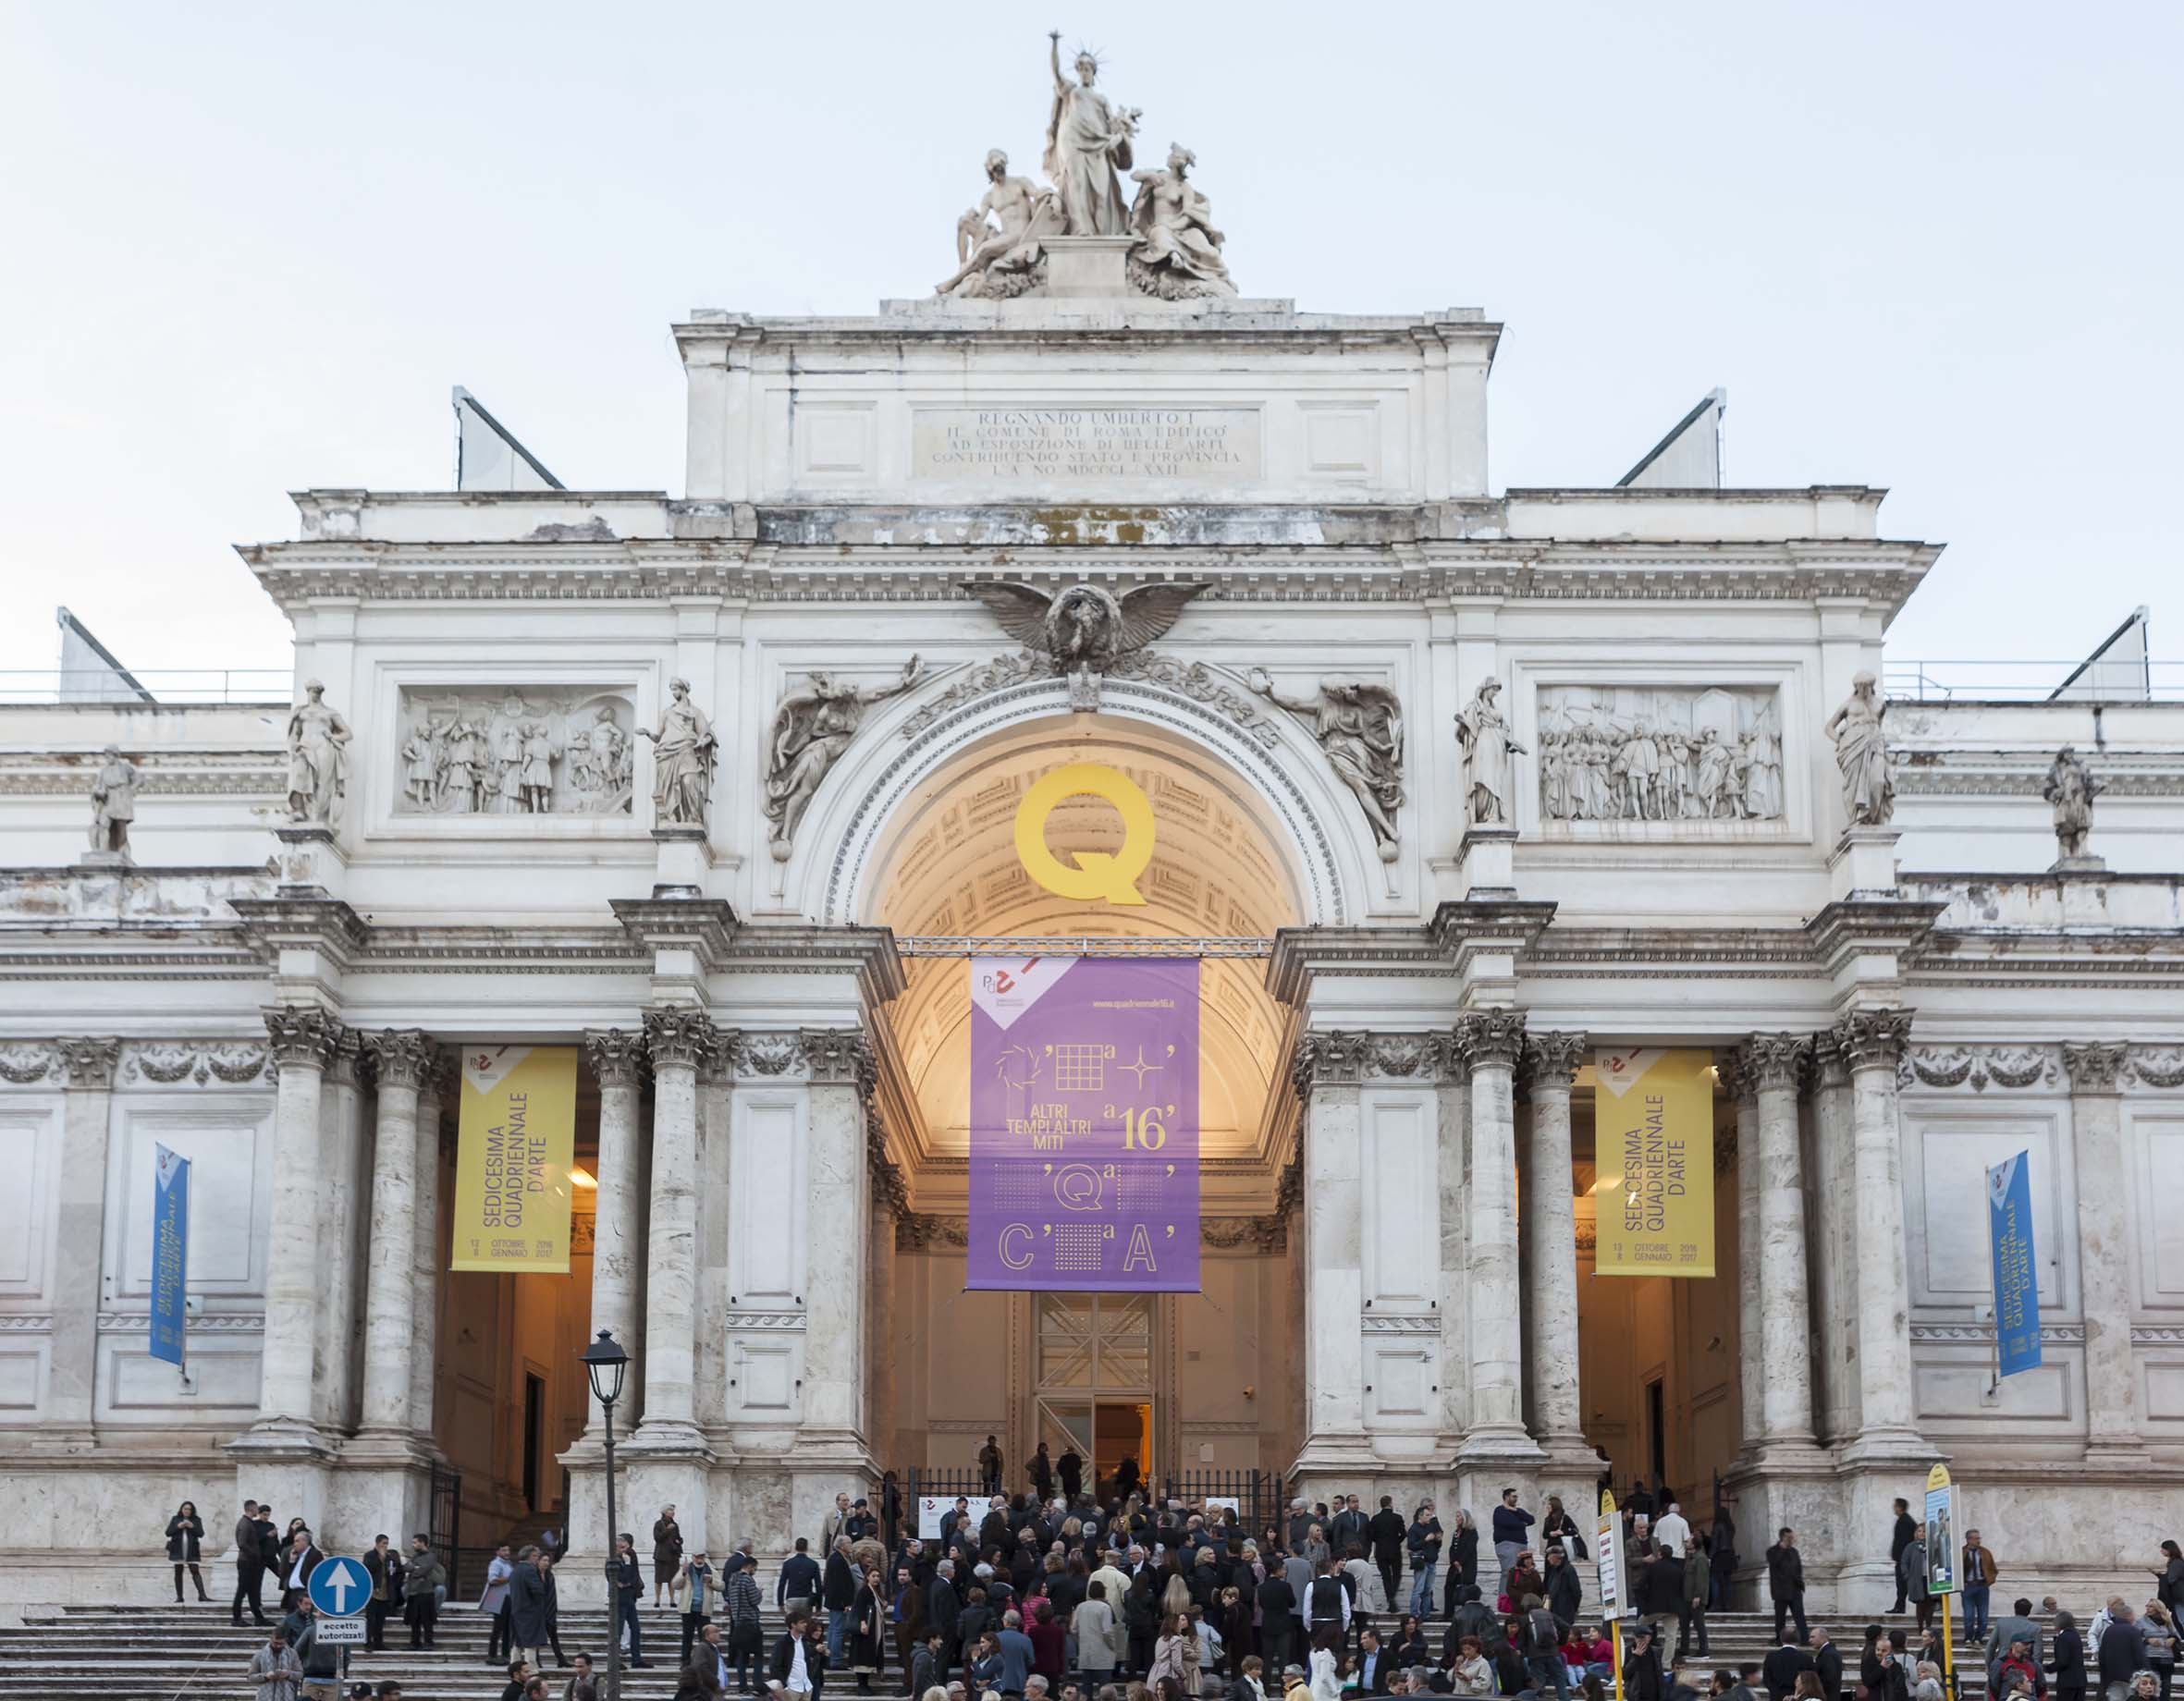 La Quadriennale di Roma sempre più social: ecco le sue iniziative online